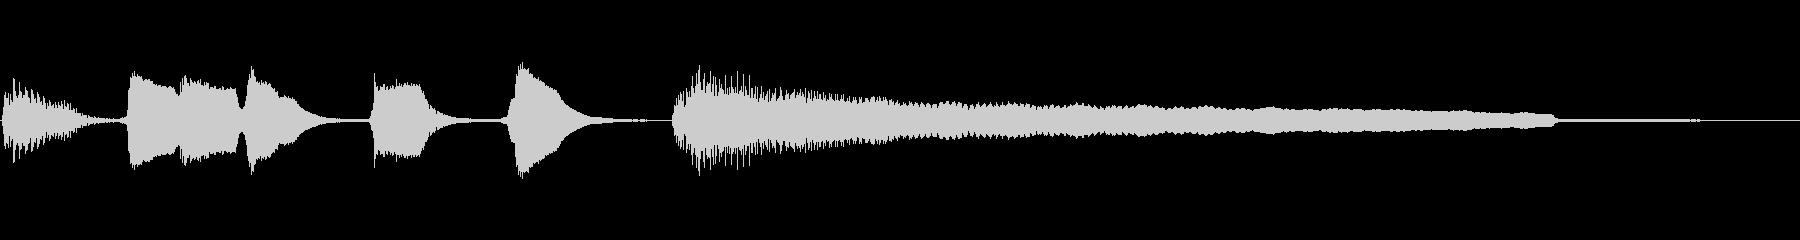 かわいいサウンドロゴ 笛とギターの未再生の波形